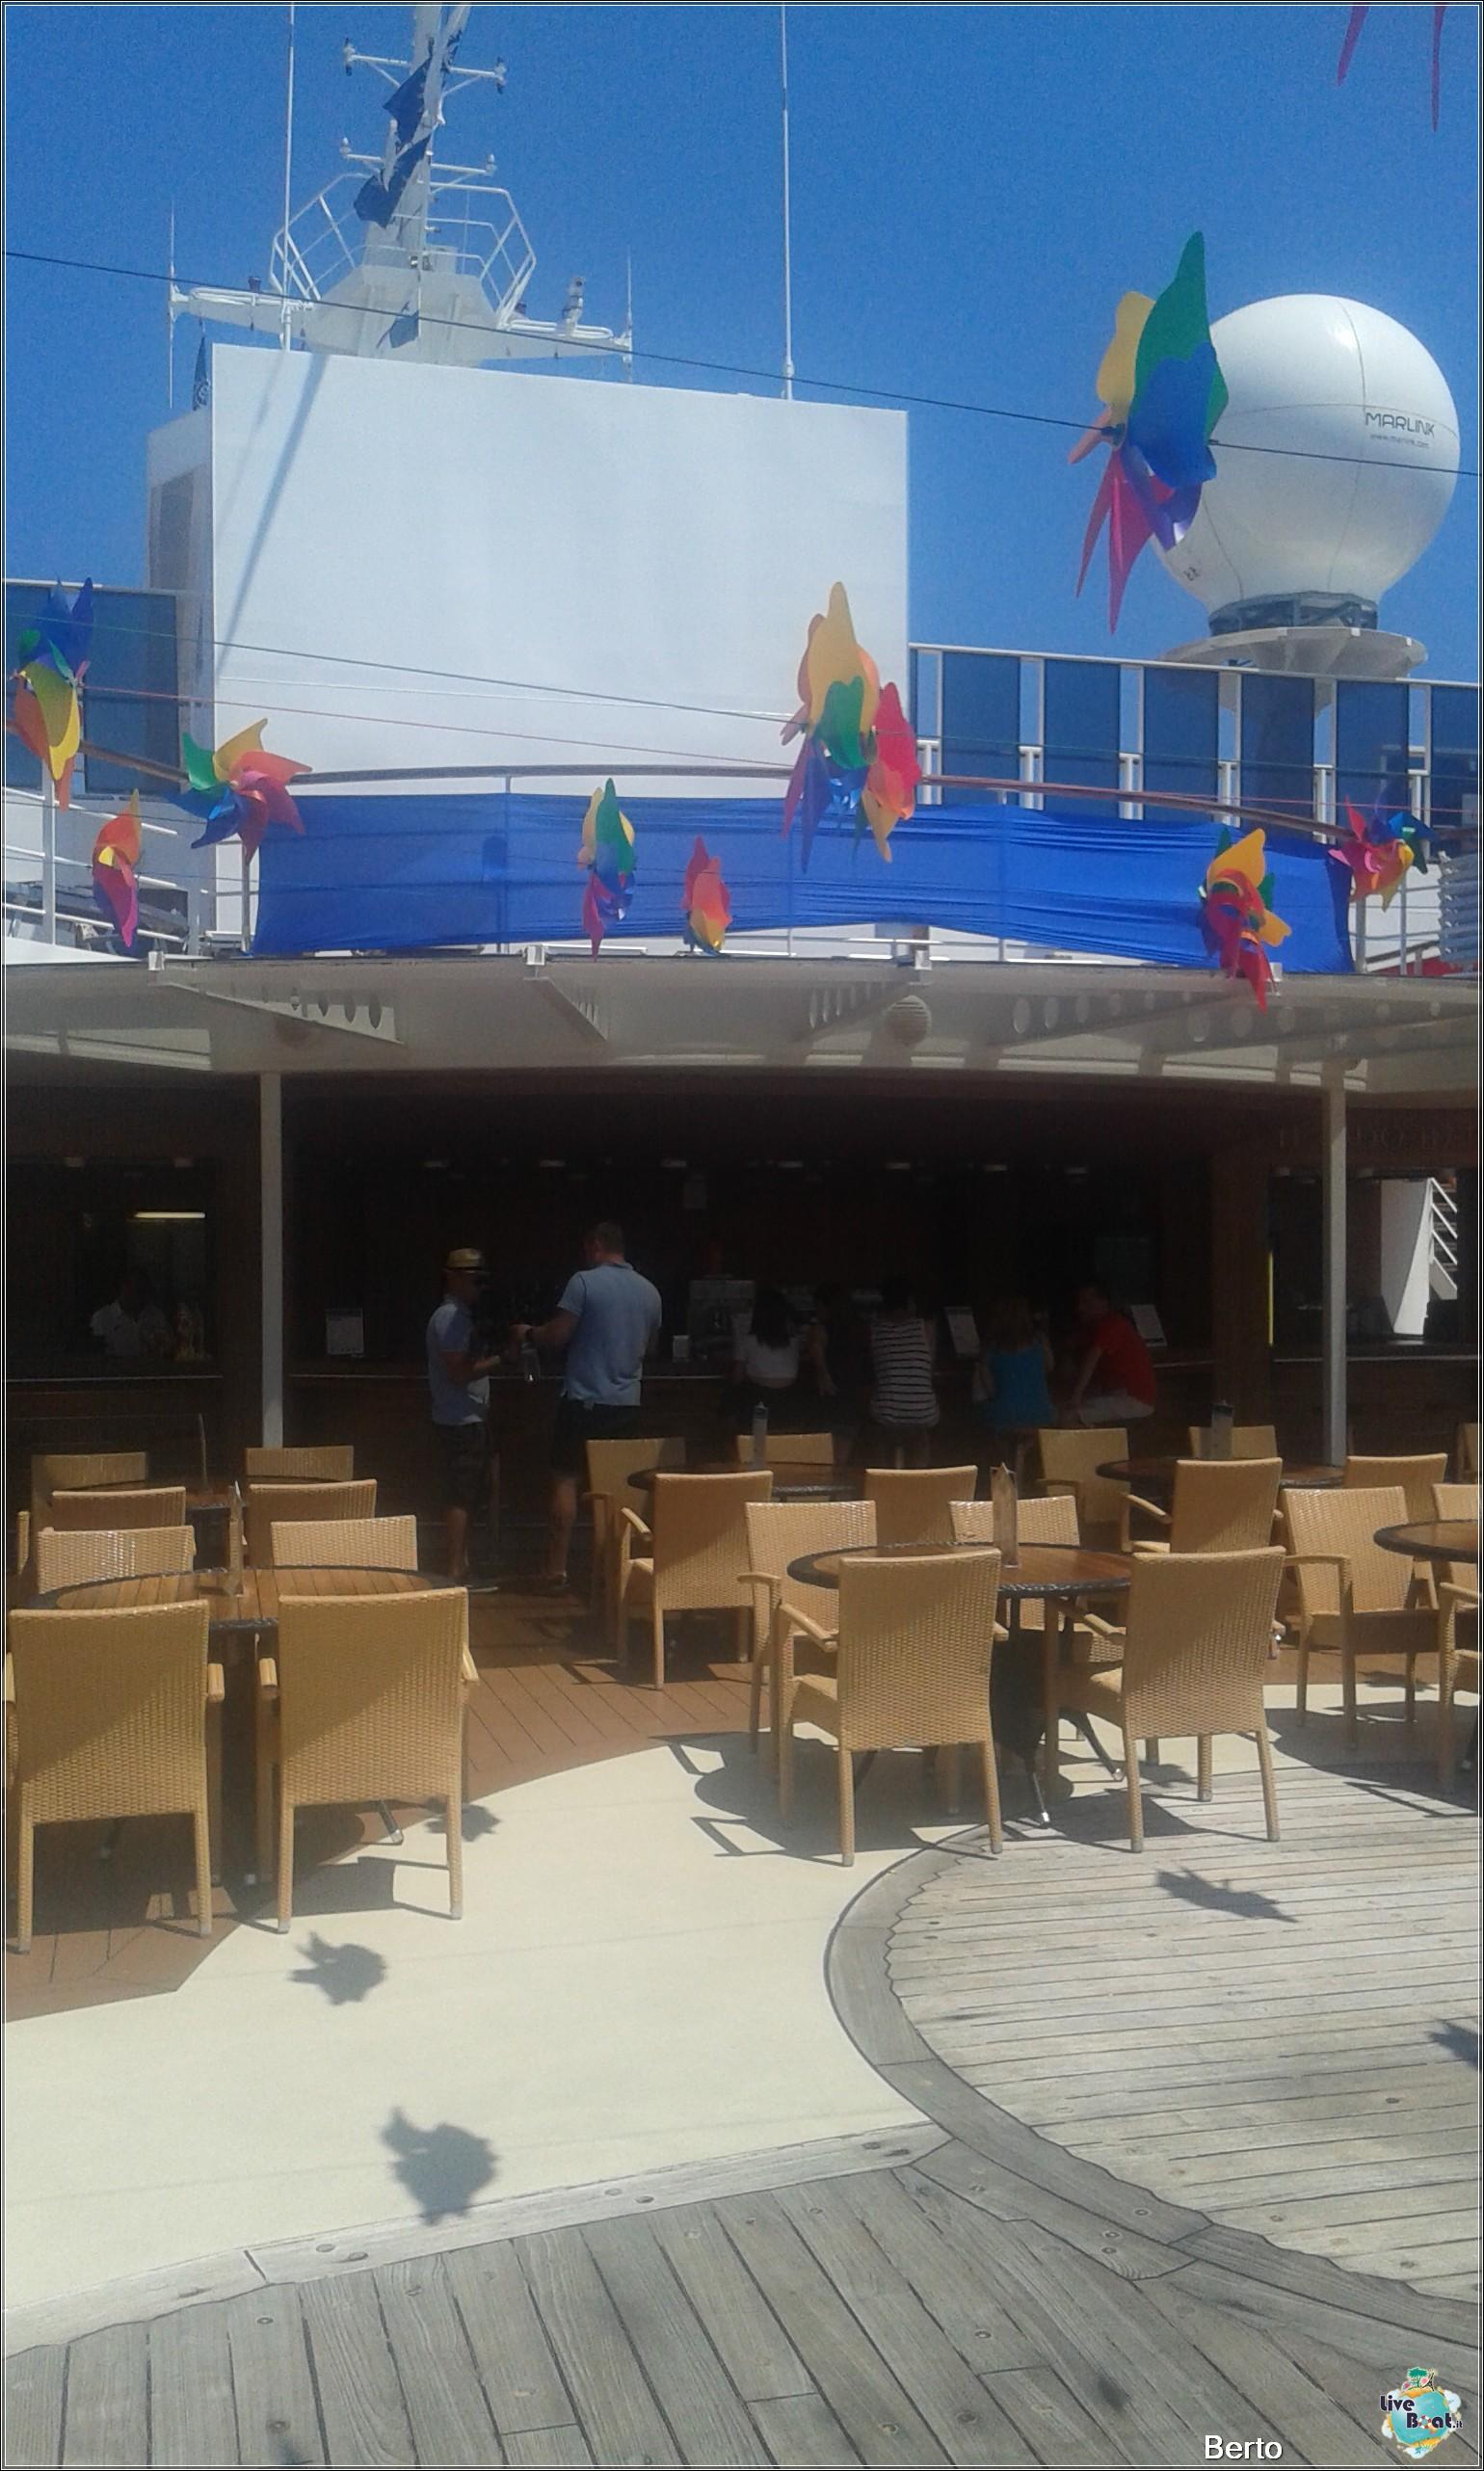 La zona lido/piscina di Msc Armonia-68msc-armonia-venezia-liveboatcrociere-jpg